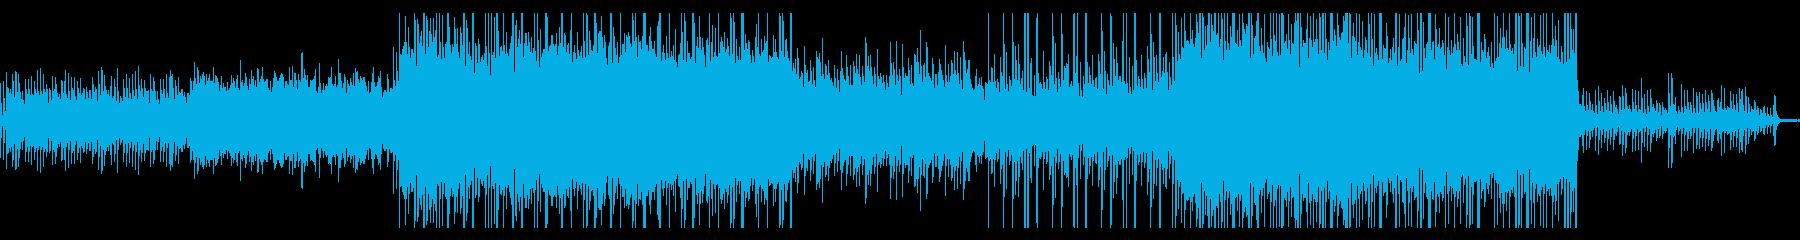 和風HipHop・爽やかな夏空のピアノの再生済みの波形